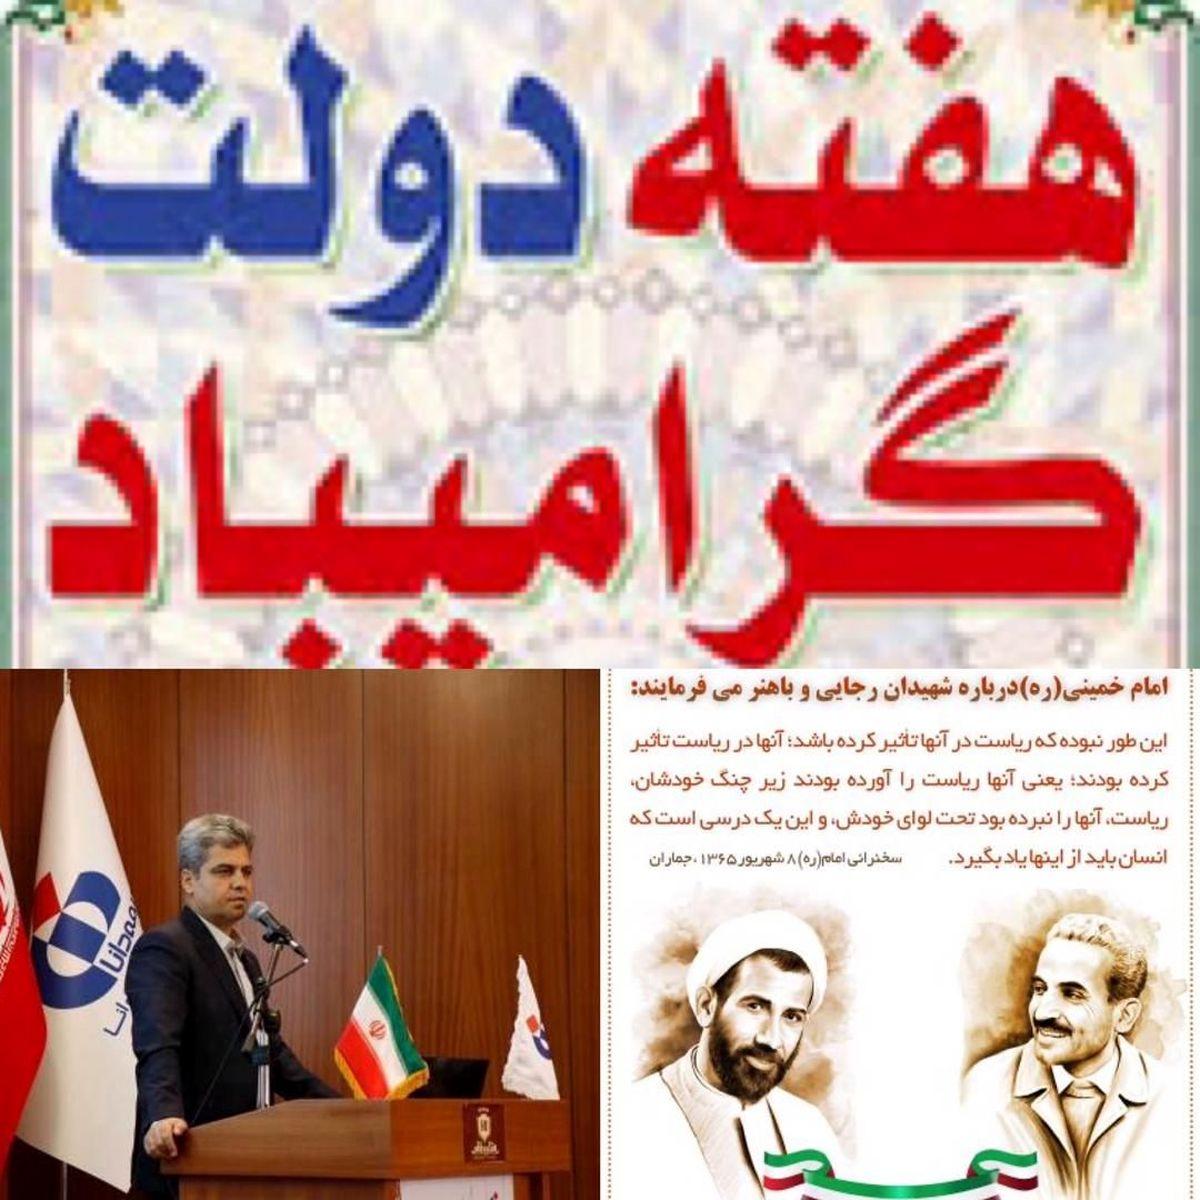 پیام تبریک دکتر کاردگر به مناسبت هفته دولت و روز کارمند